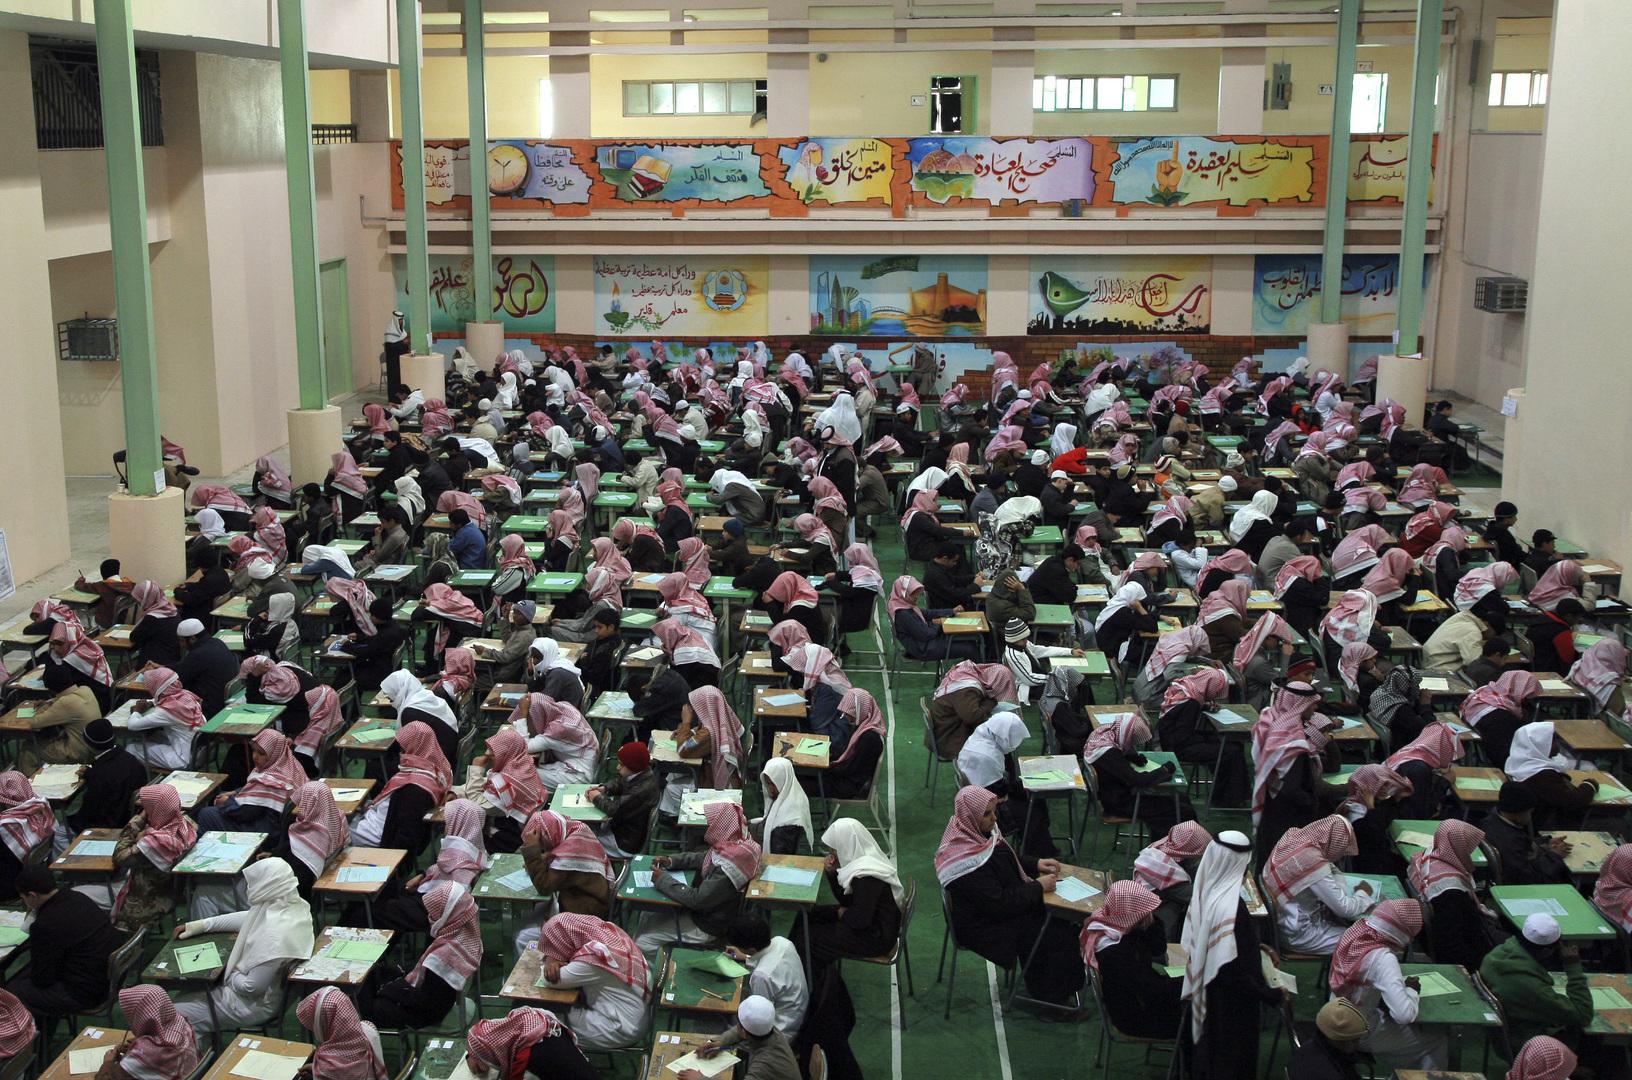 في حادثة جديدة تشهدها المدارس السعودية مقتل تلميذ طعنا على يد زميله